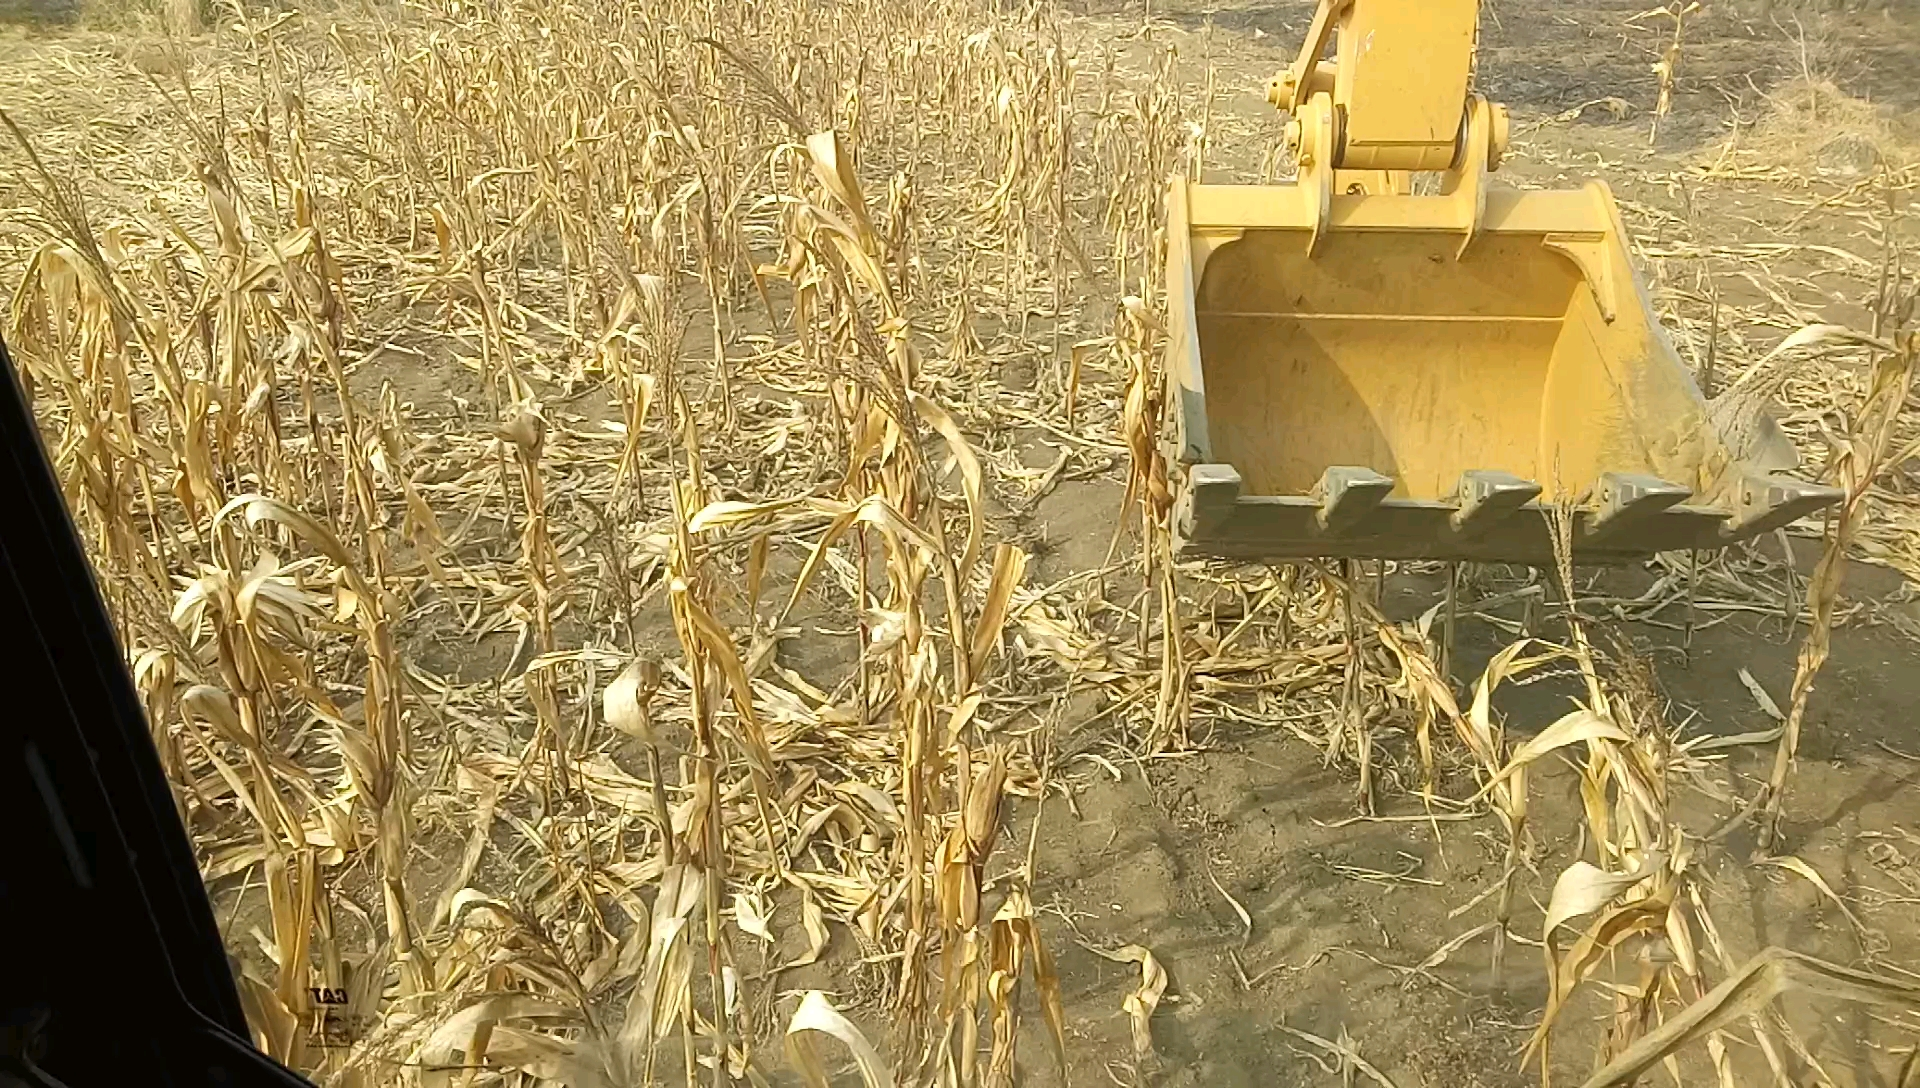 【铁甲视频】穿过玉米地